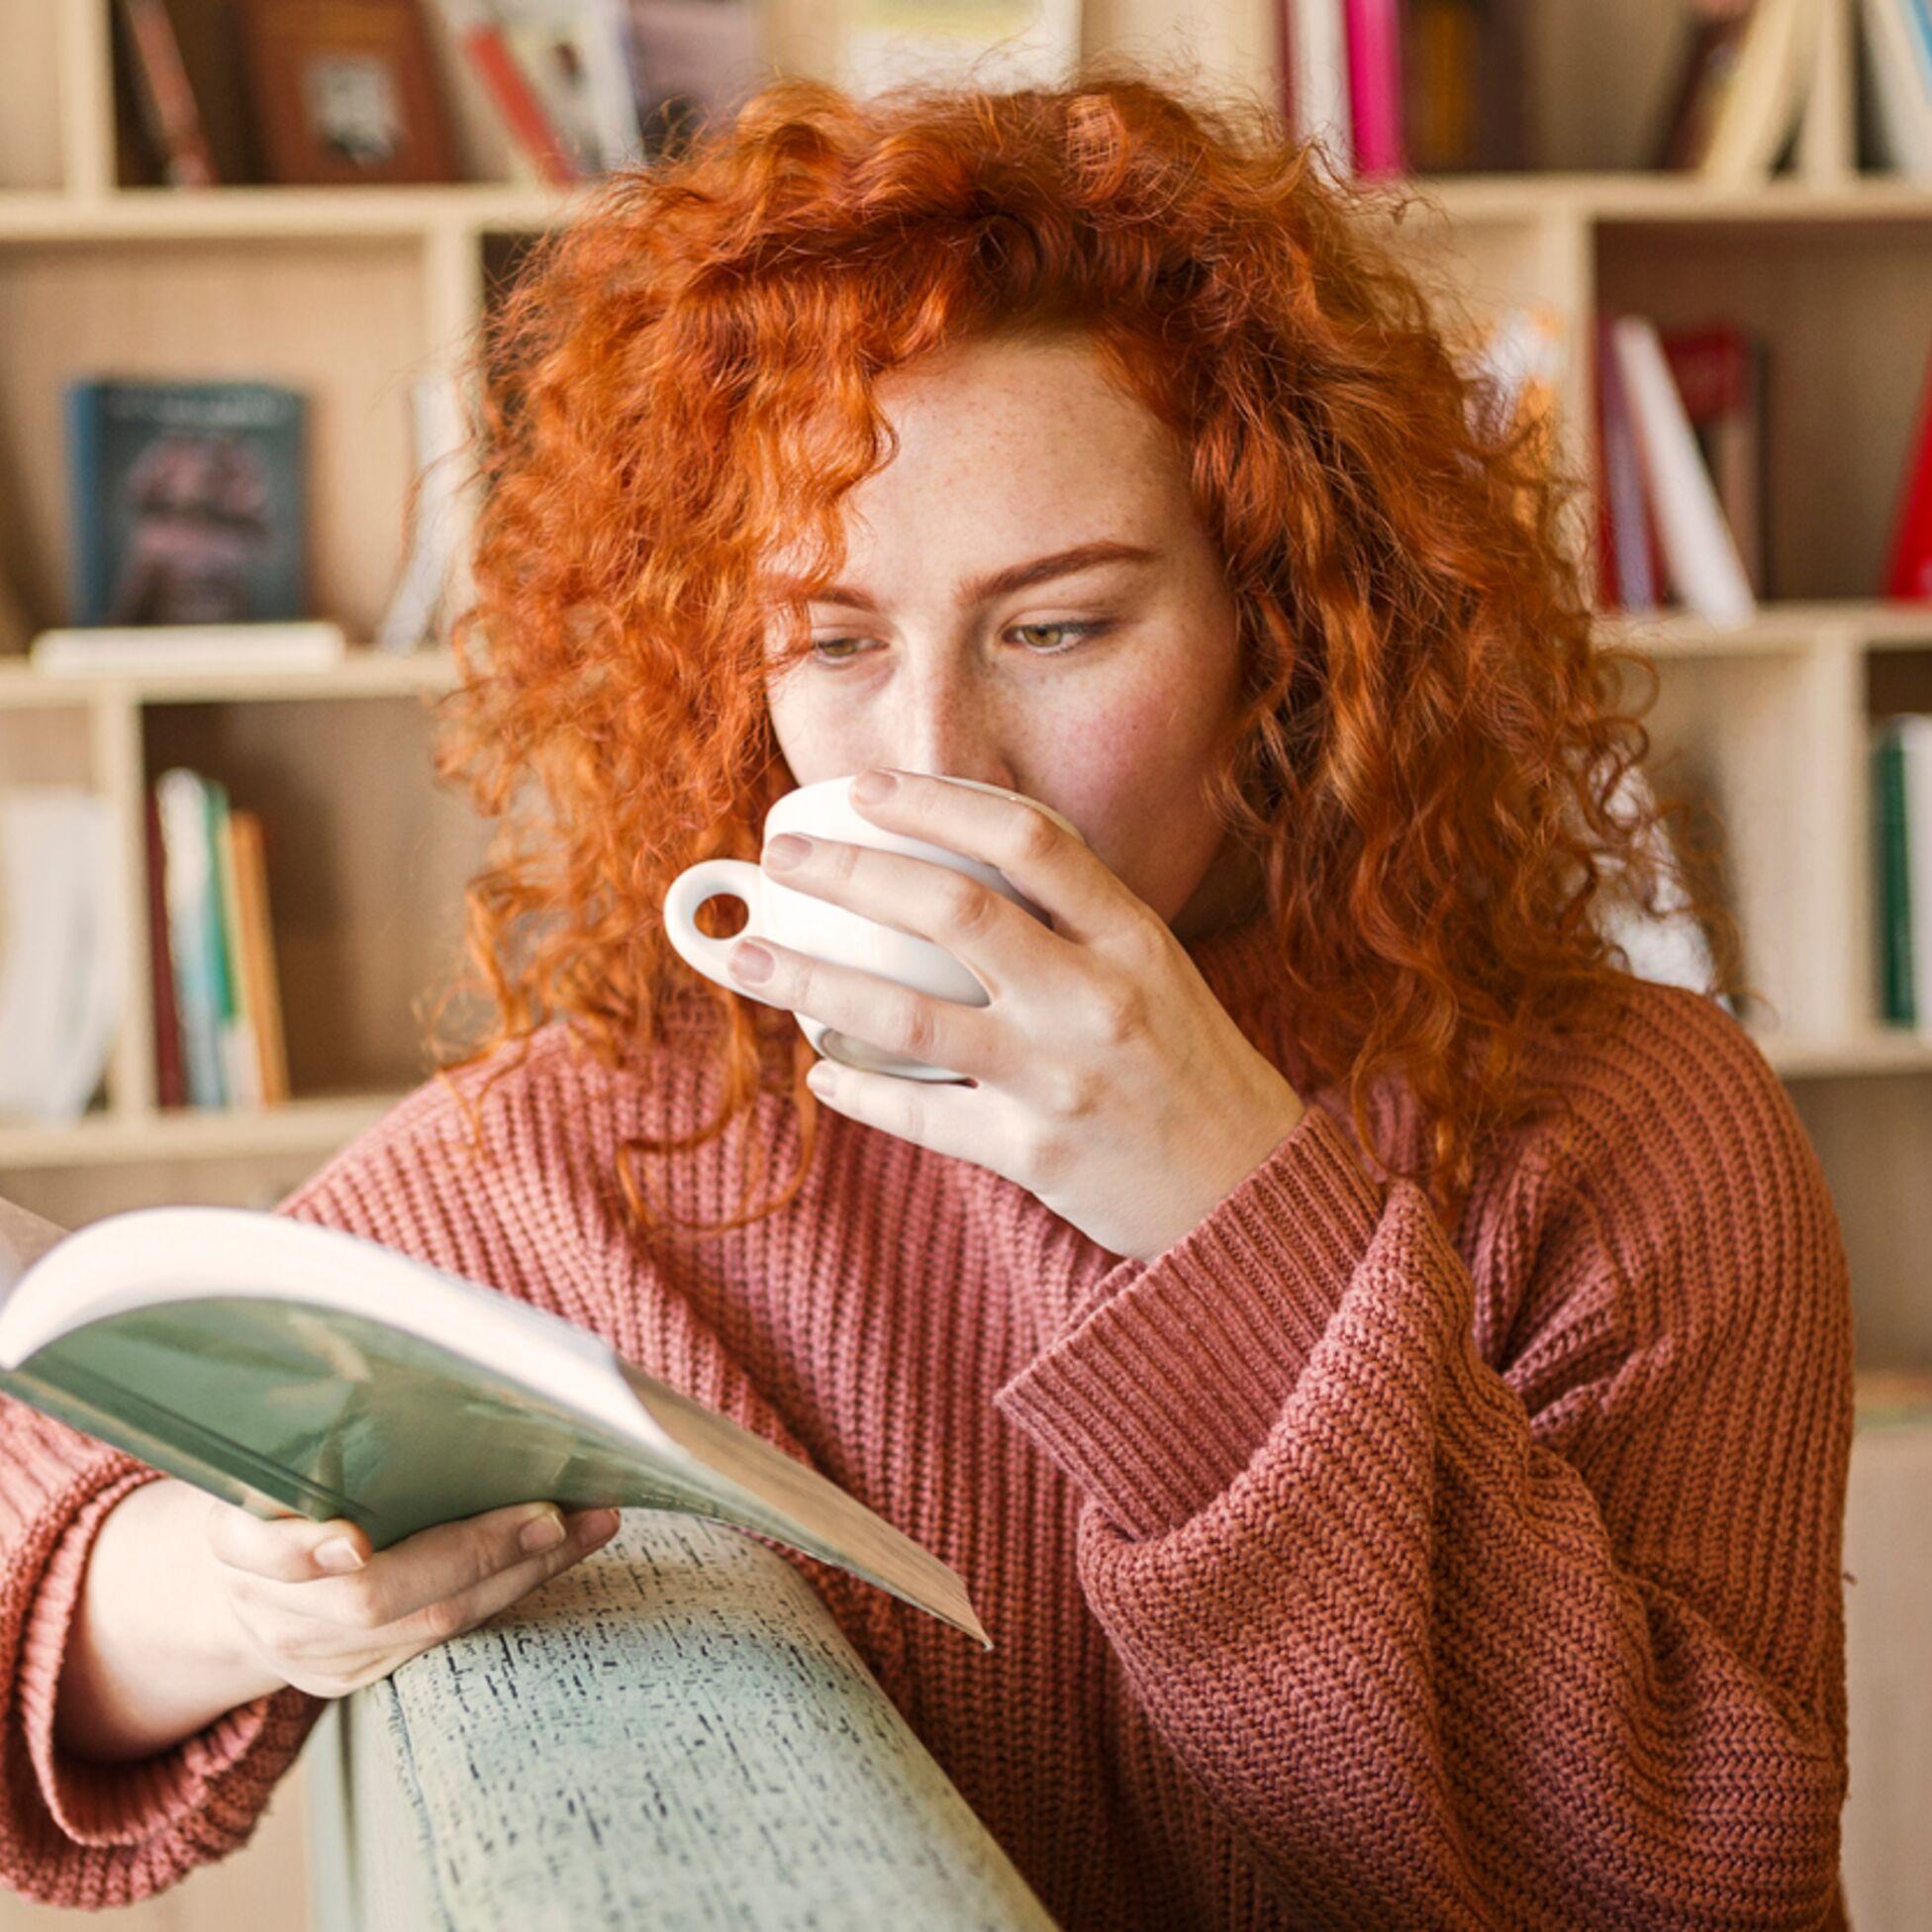 Frau liest Buch in gemütlicher Leseecke